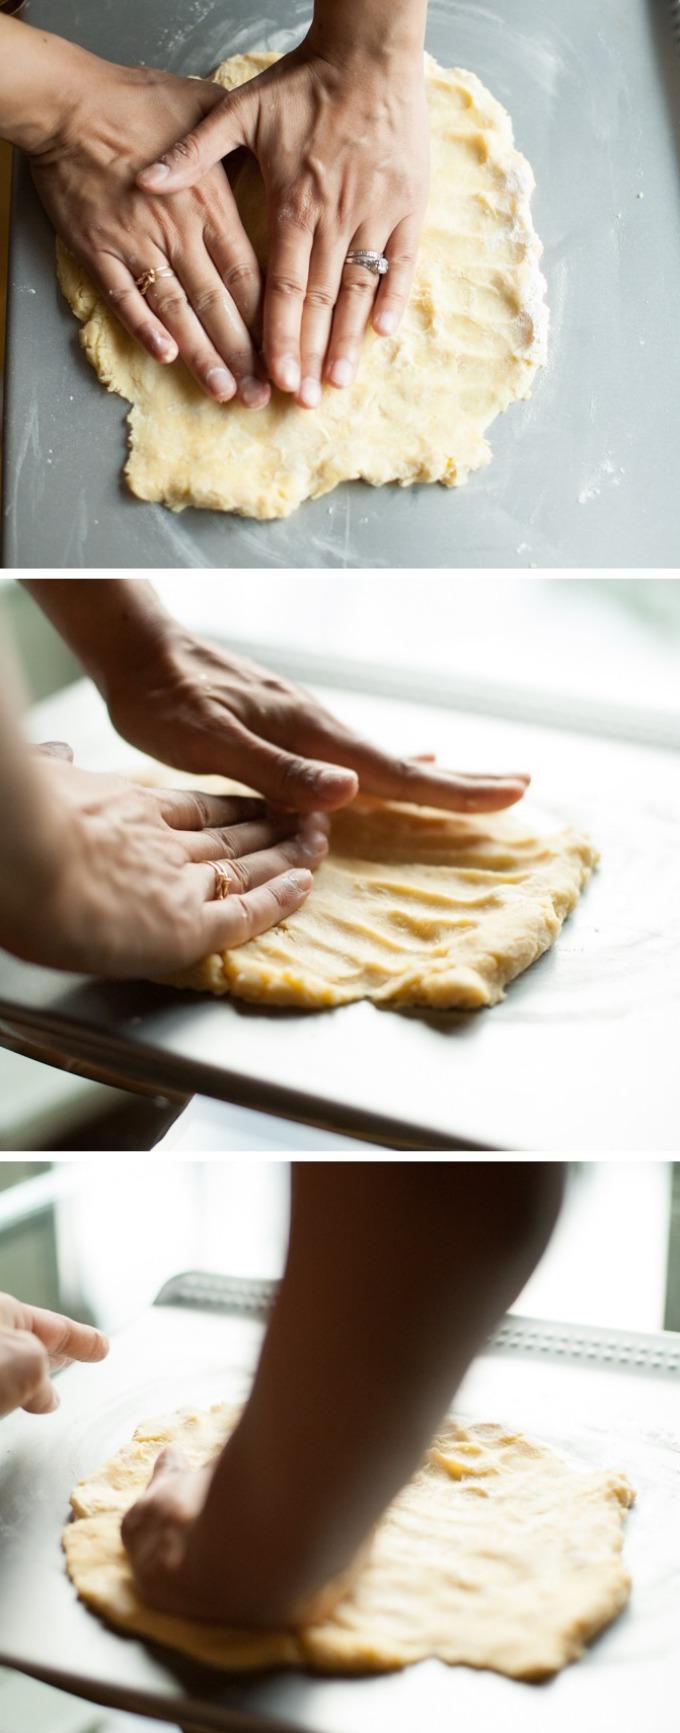 flattening dough